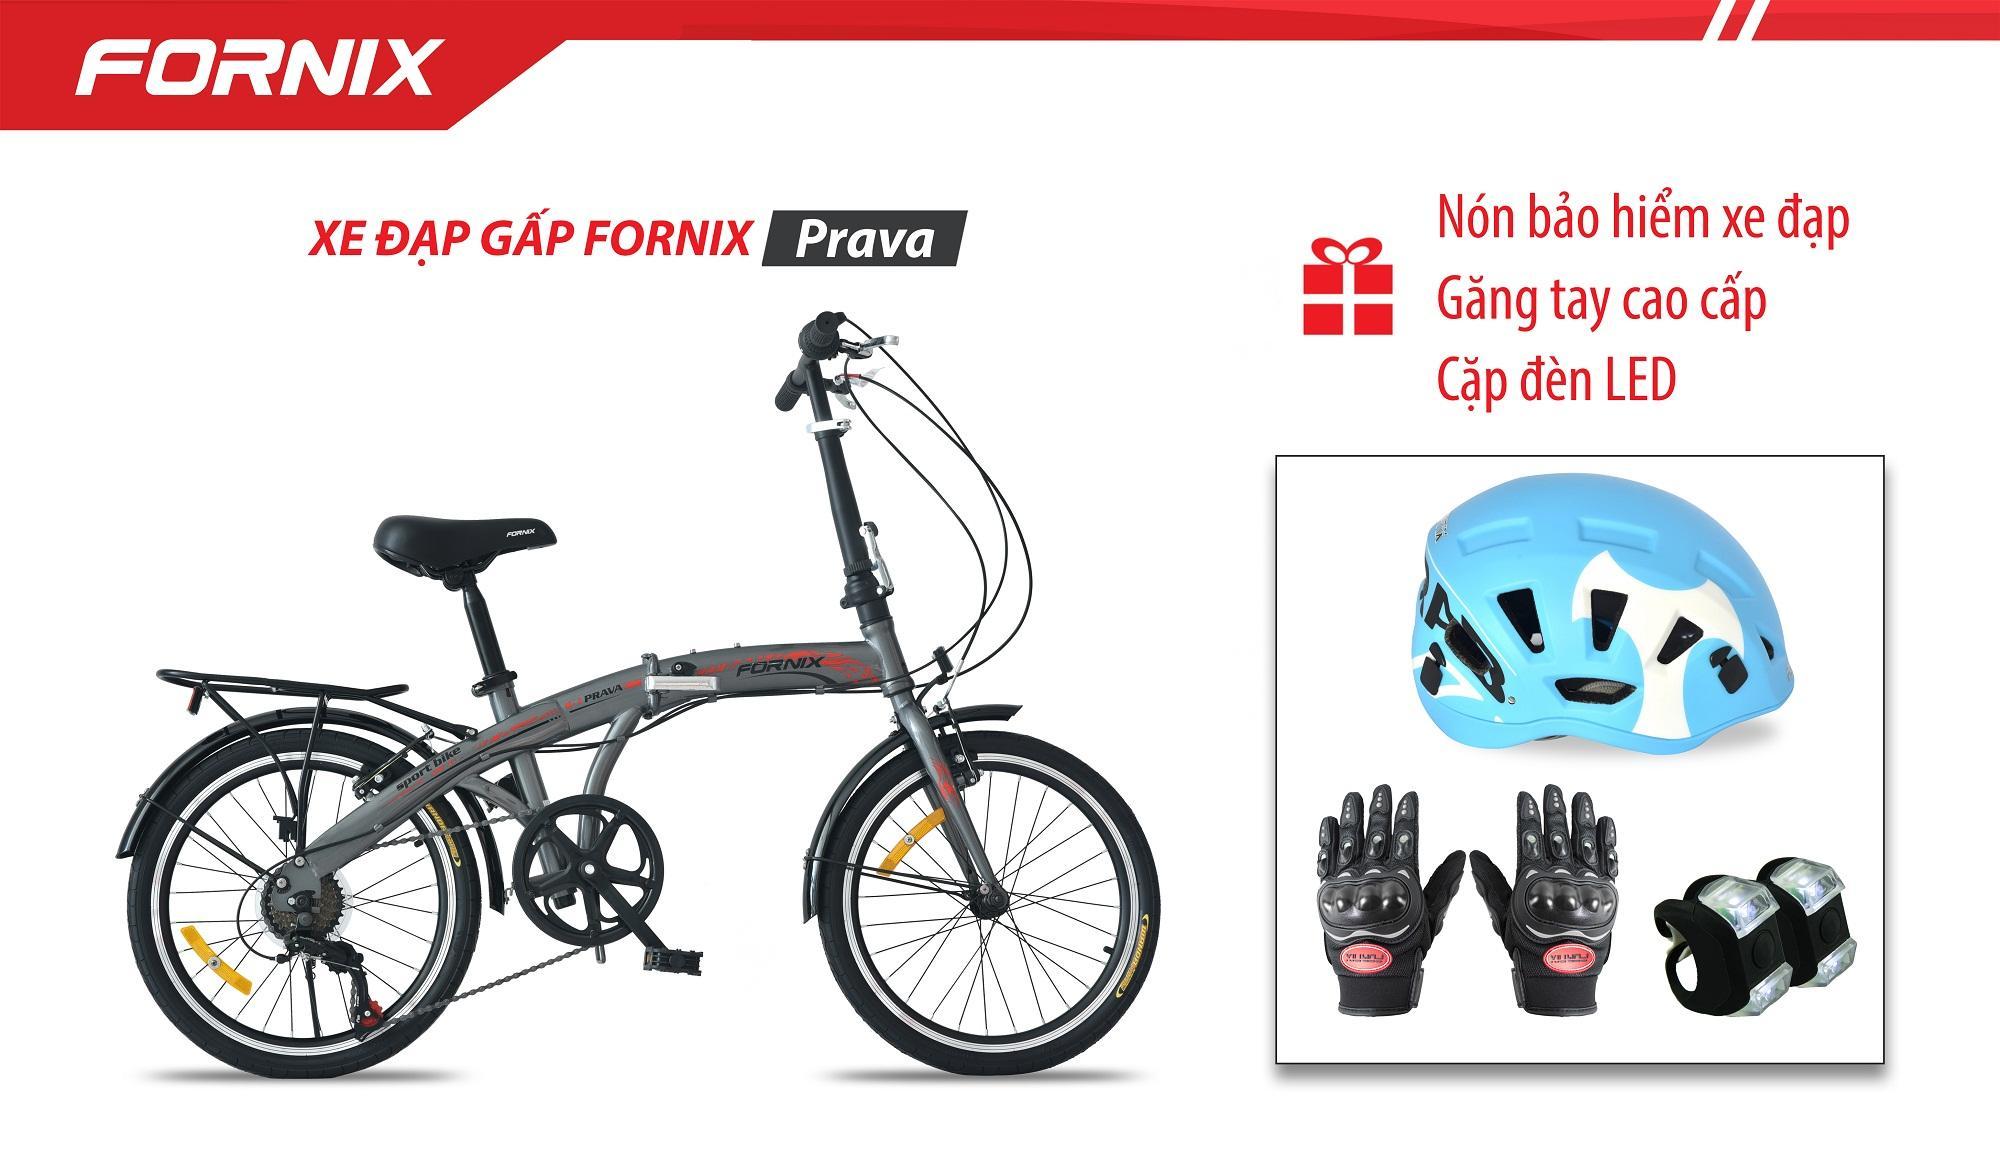 Xe đạp gấp hiệu FORNIX, mã PRAVA + (Gift) Cặp đèn LED, Nón Bảo Hiểm A02A5L, Găng tay